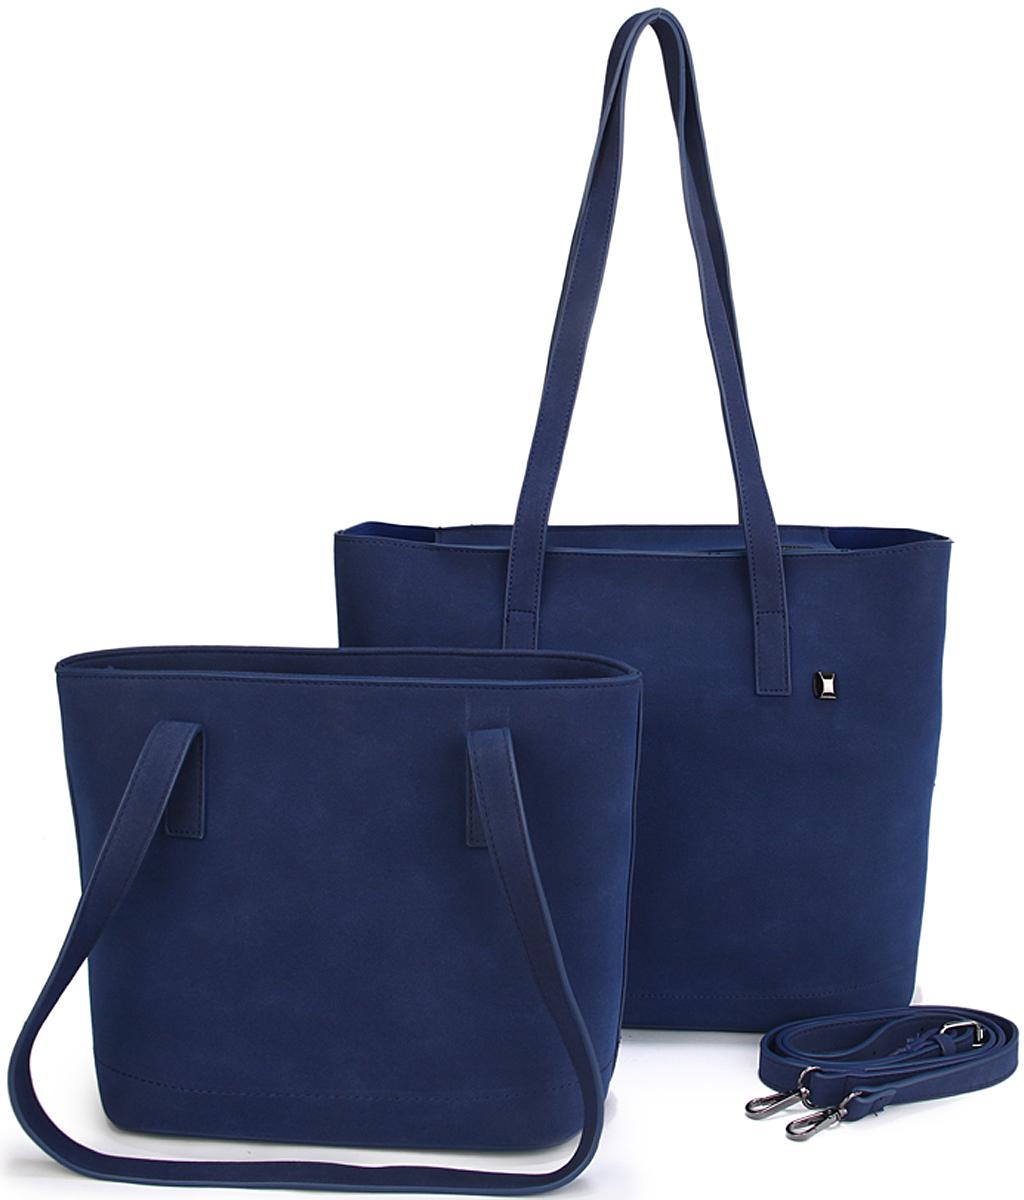 Сумка женская OrsOro, с маленькой сумкой, цвет: синий. D-411/2BM8434-58AEДве сумки OrsOro выполнены из высококачественной искусственной кожи. Сумки закрывается на молнию. Внутри большой сумки расположено главное отделение без подкладки и накладной карман на молнии.В маленькой сумке с подкладкой есть внутренний карман на молнии, 2 внутренних кармана для телефона.